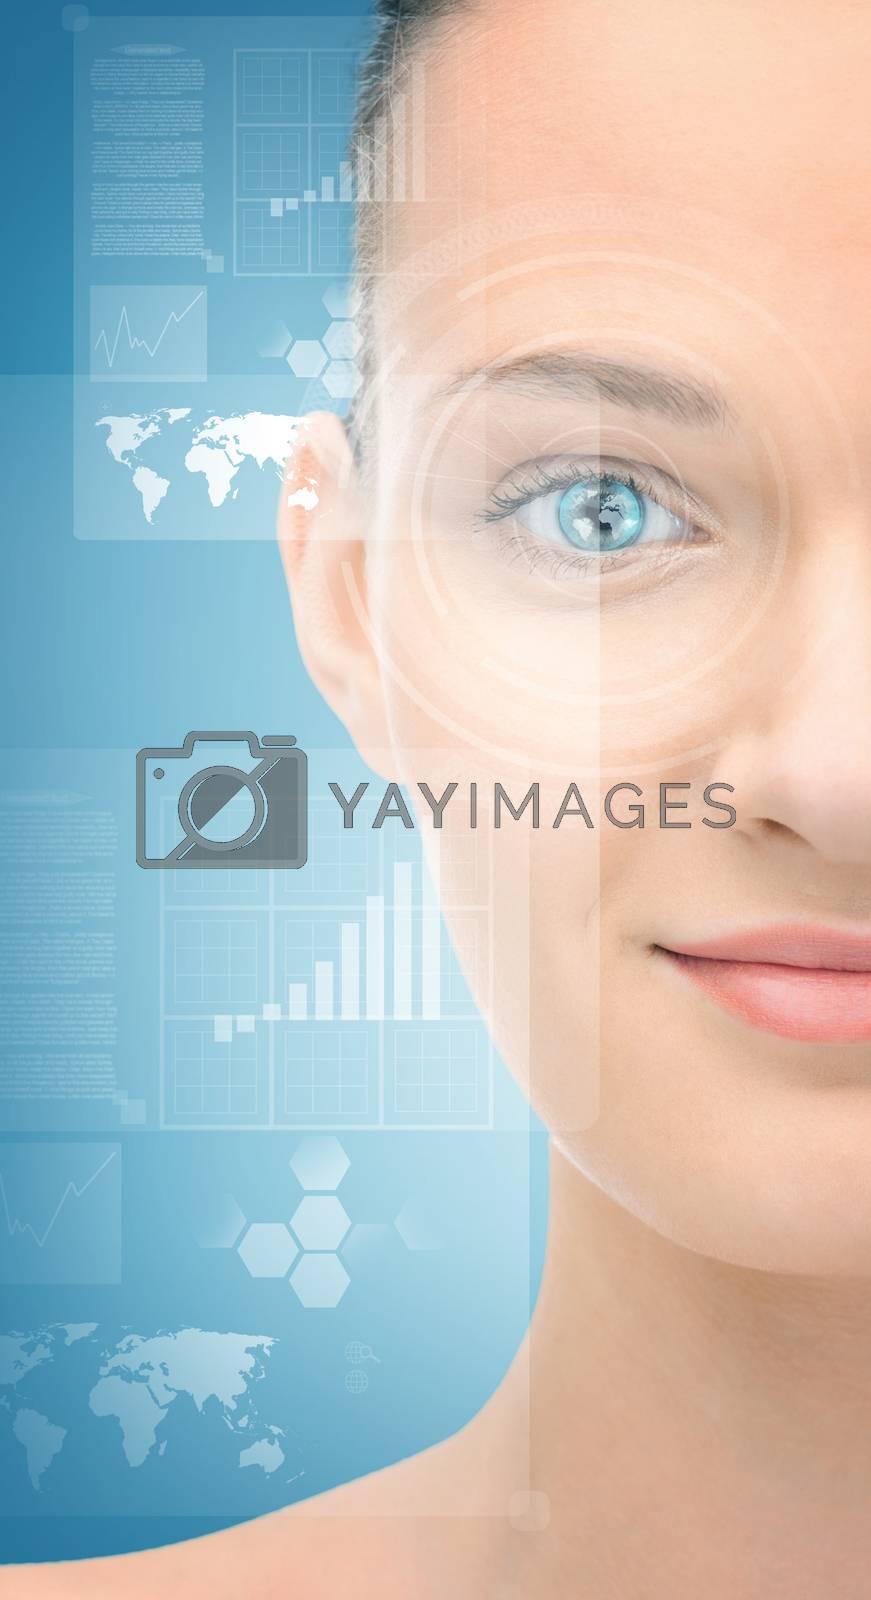 woman eye with virtual screen by dolgachov